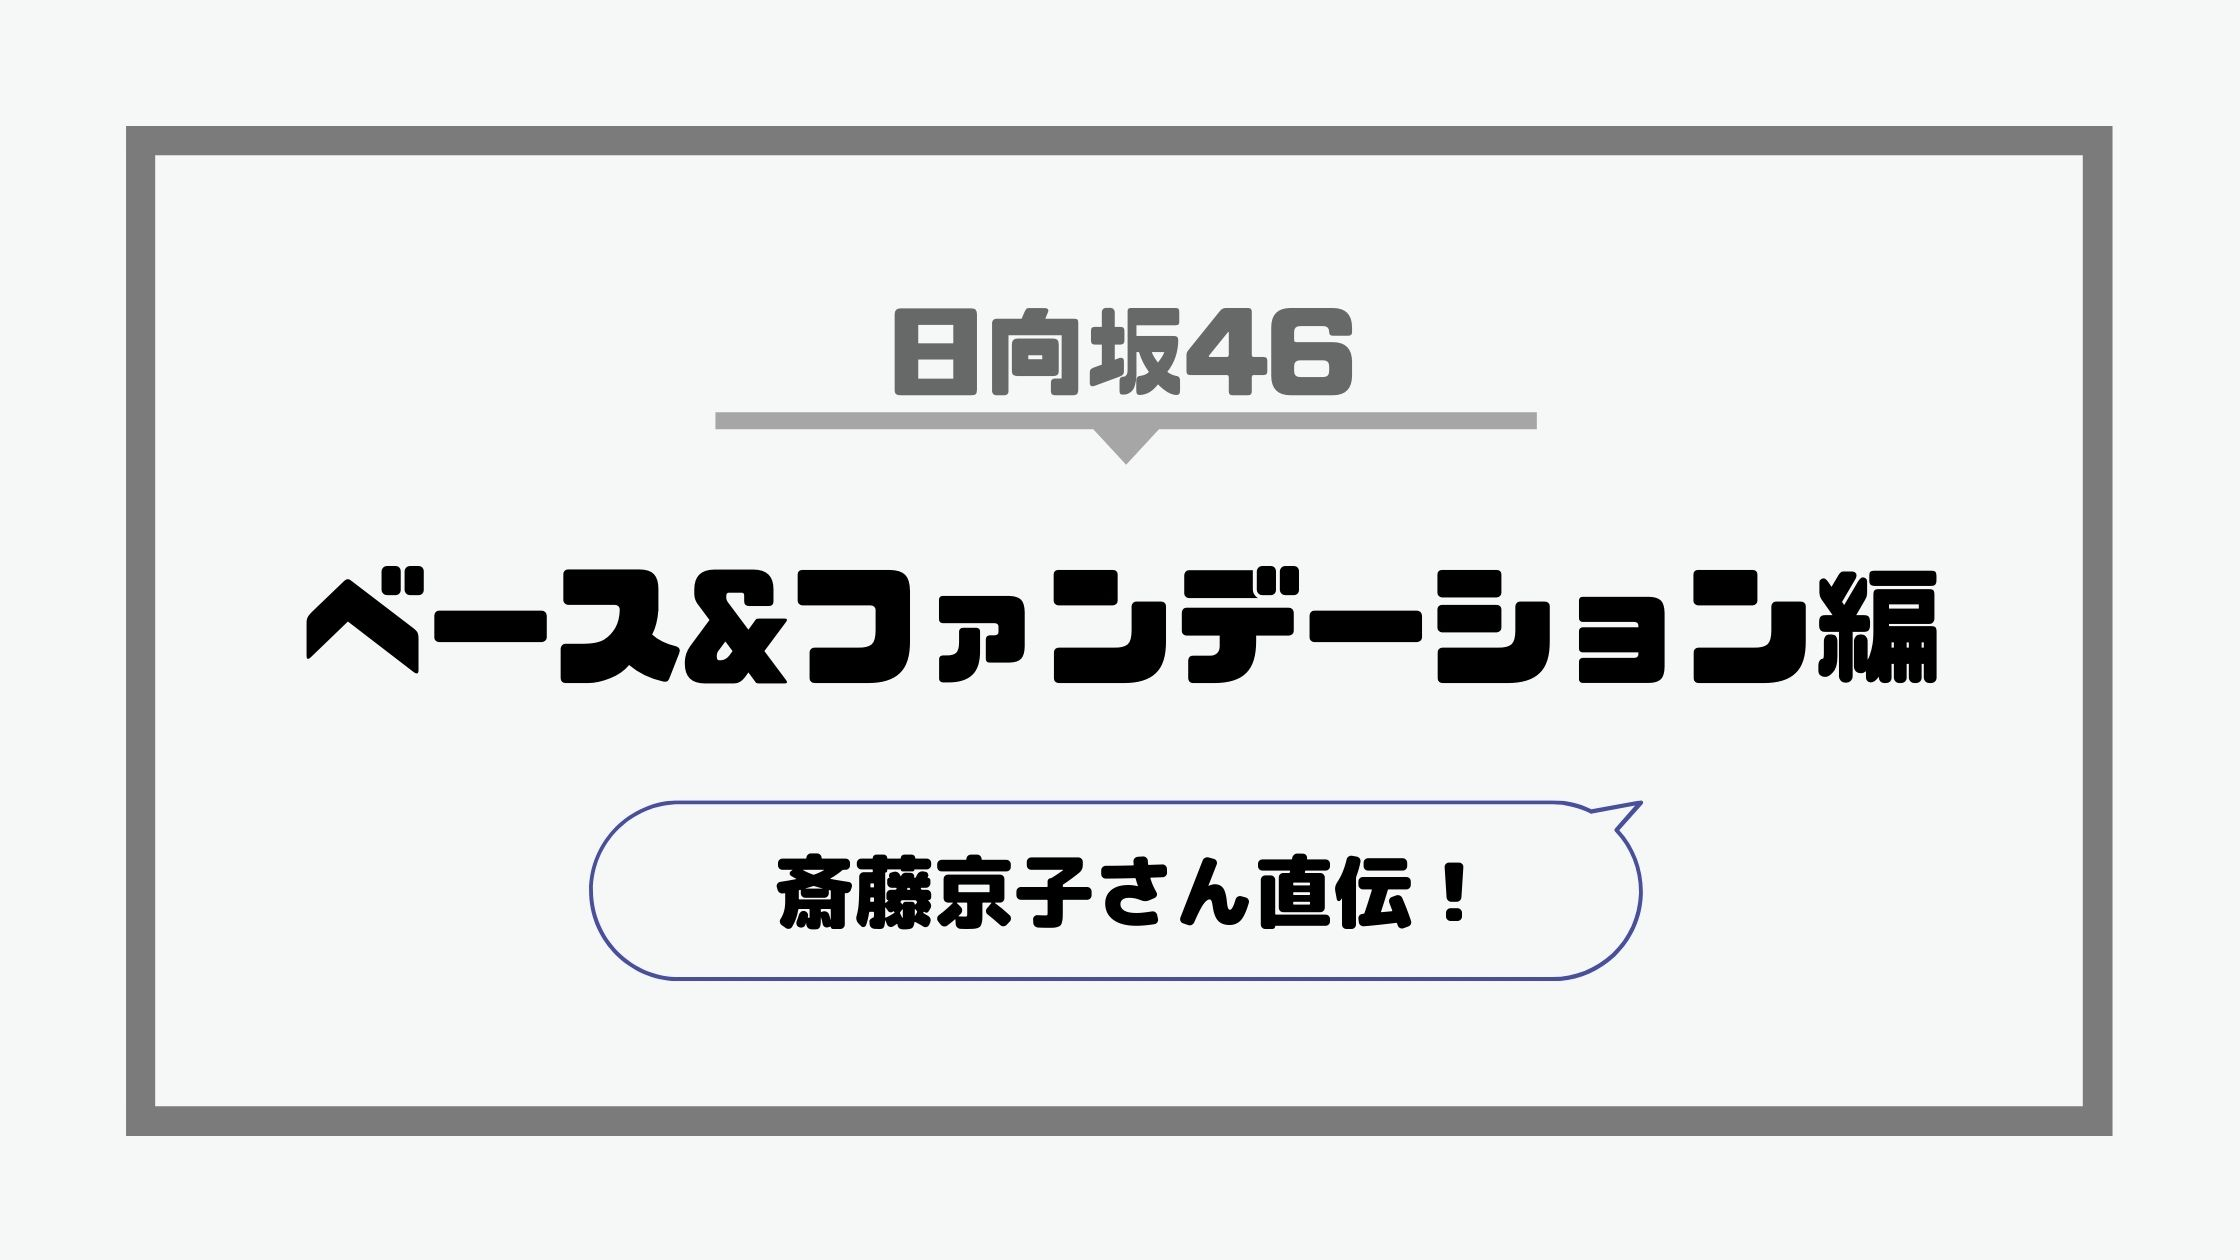 ベース&ファンデーション編